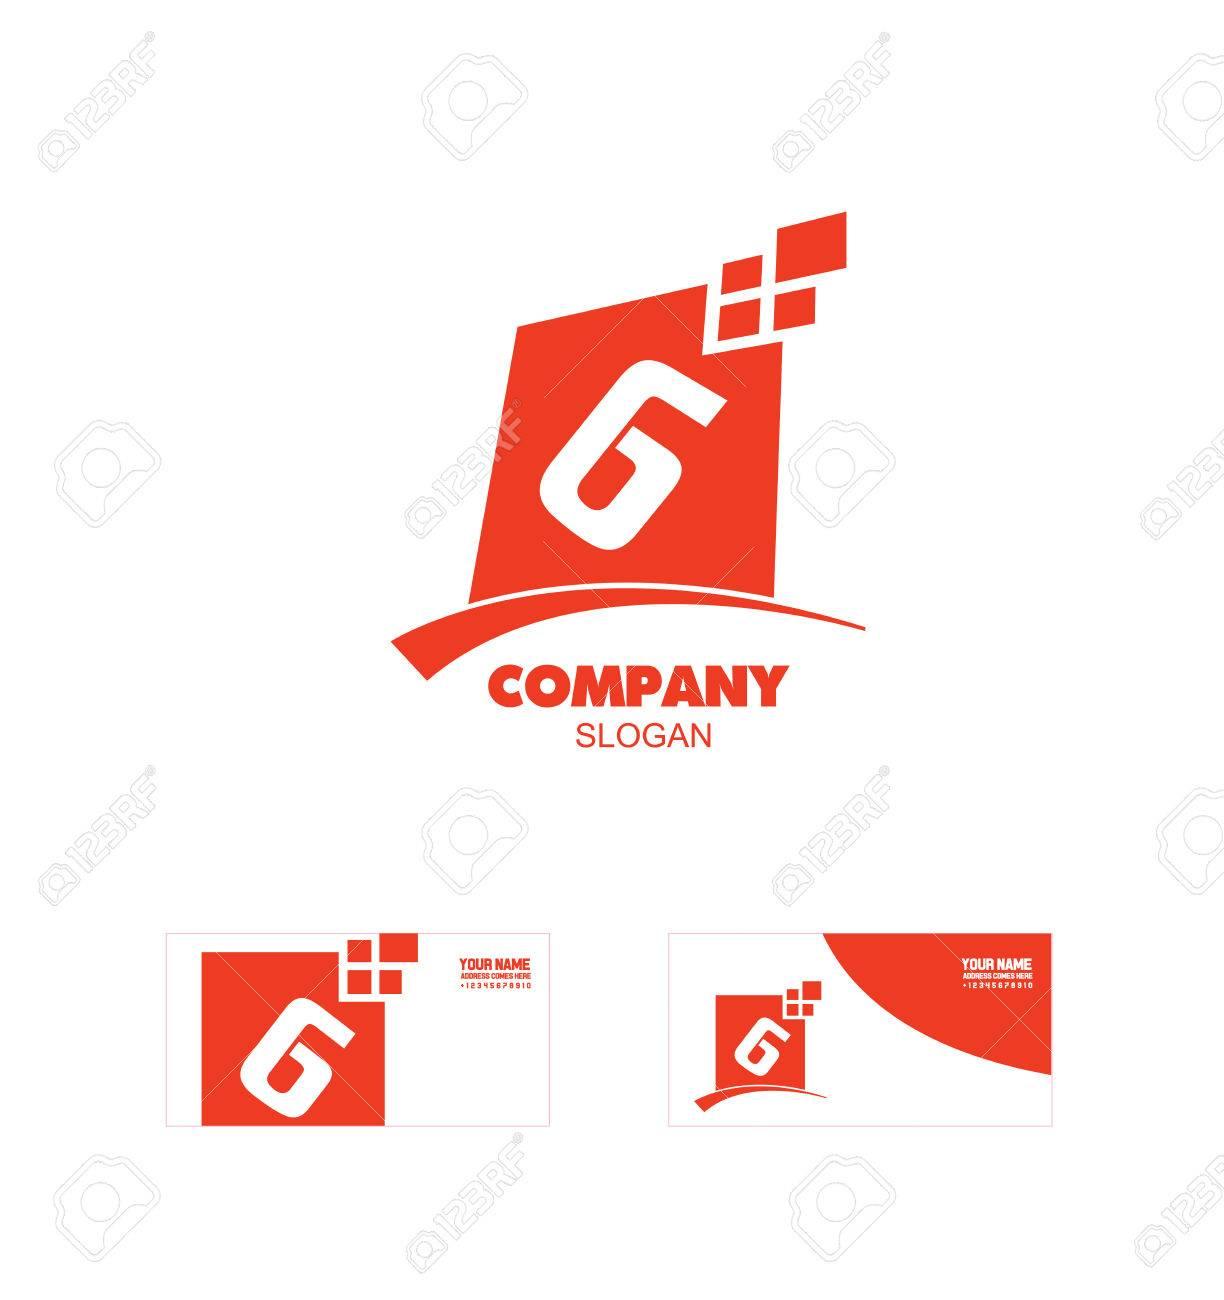 Logo Icône Élément Modèle Lettre Alphabet G Numéro 6 Six Carré Rouge  Abstrait serapportantà Modele De Lettre Alphabet